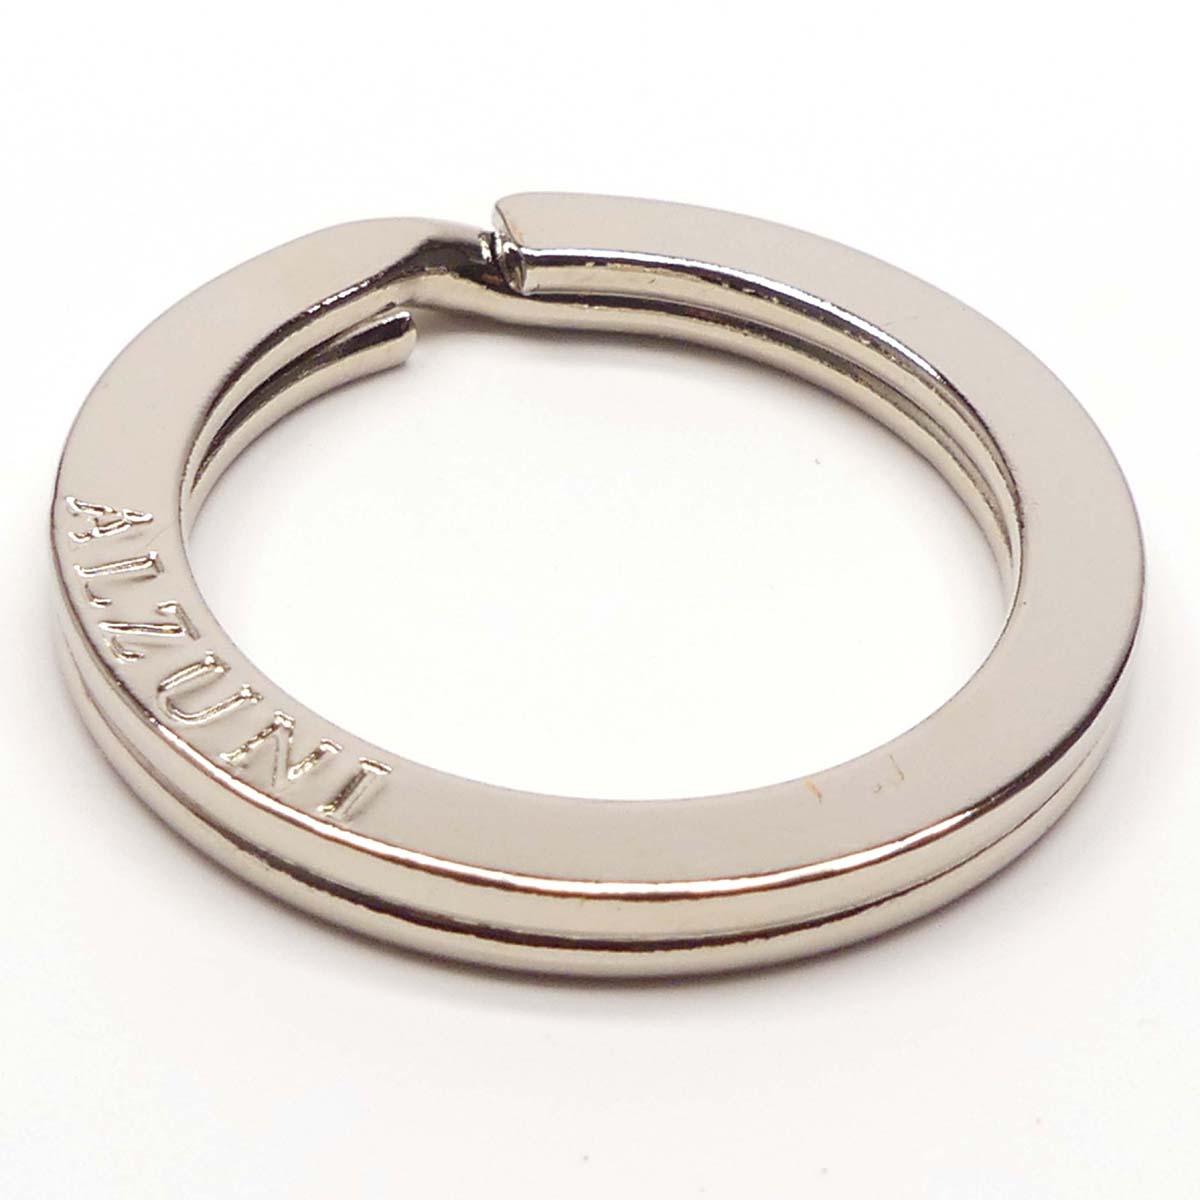 キー カギ 鍵 ALZUNI アルズニ ブランド オリジナル 刻印 2重リング 25mm 内径25mm リング ワッカ カギの取り付けに